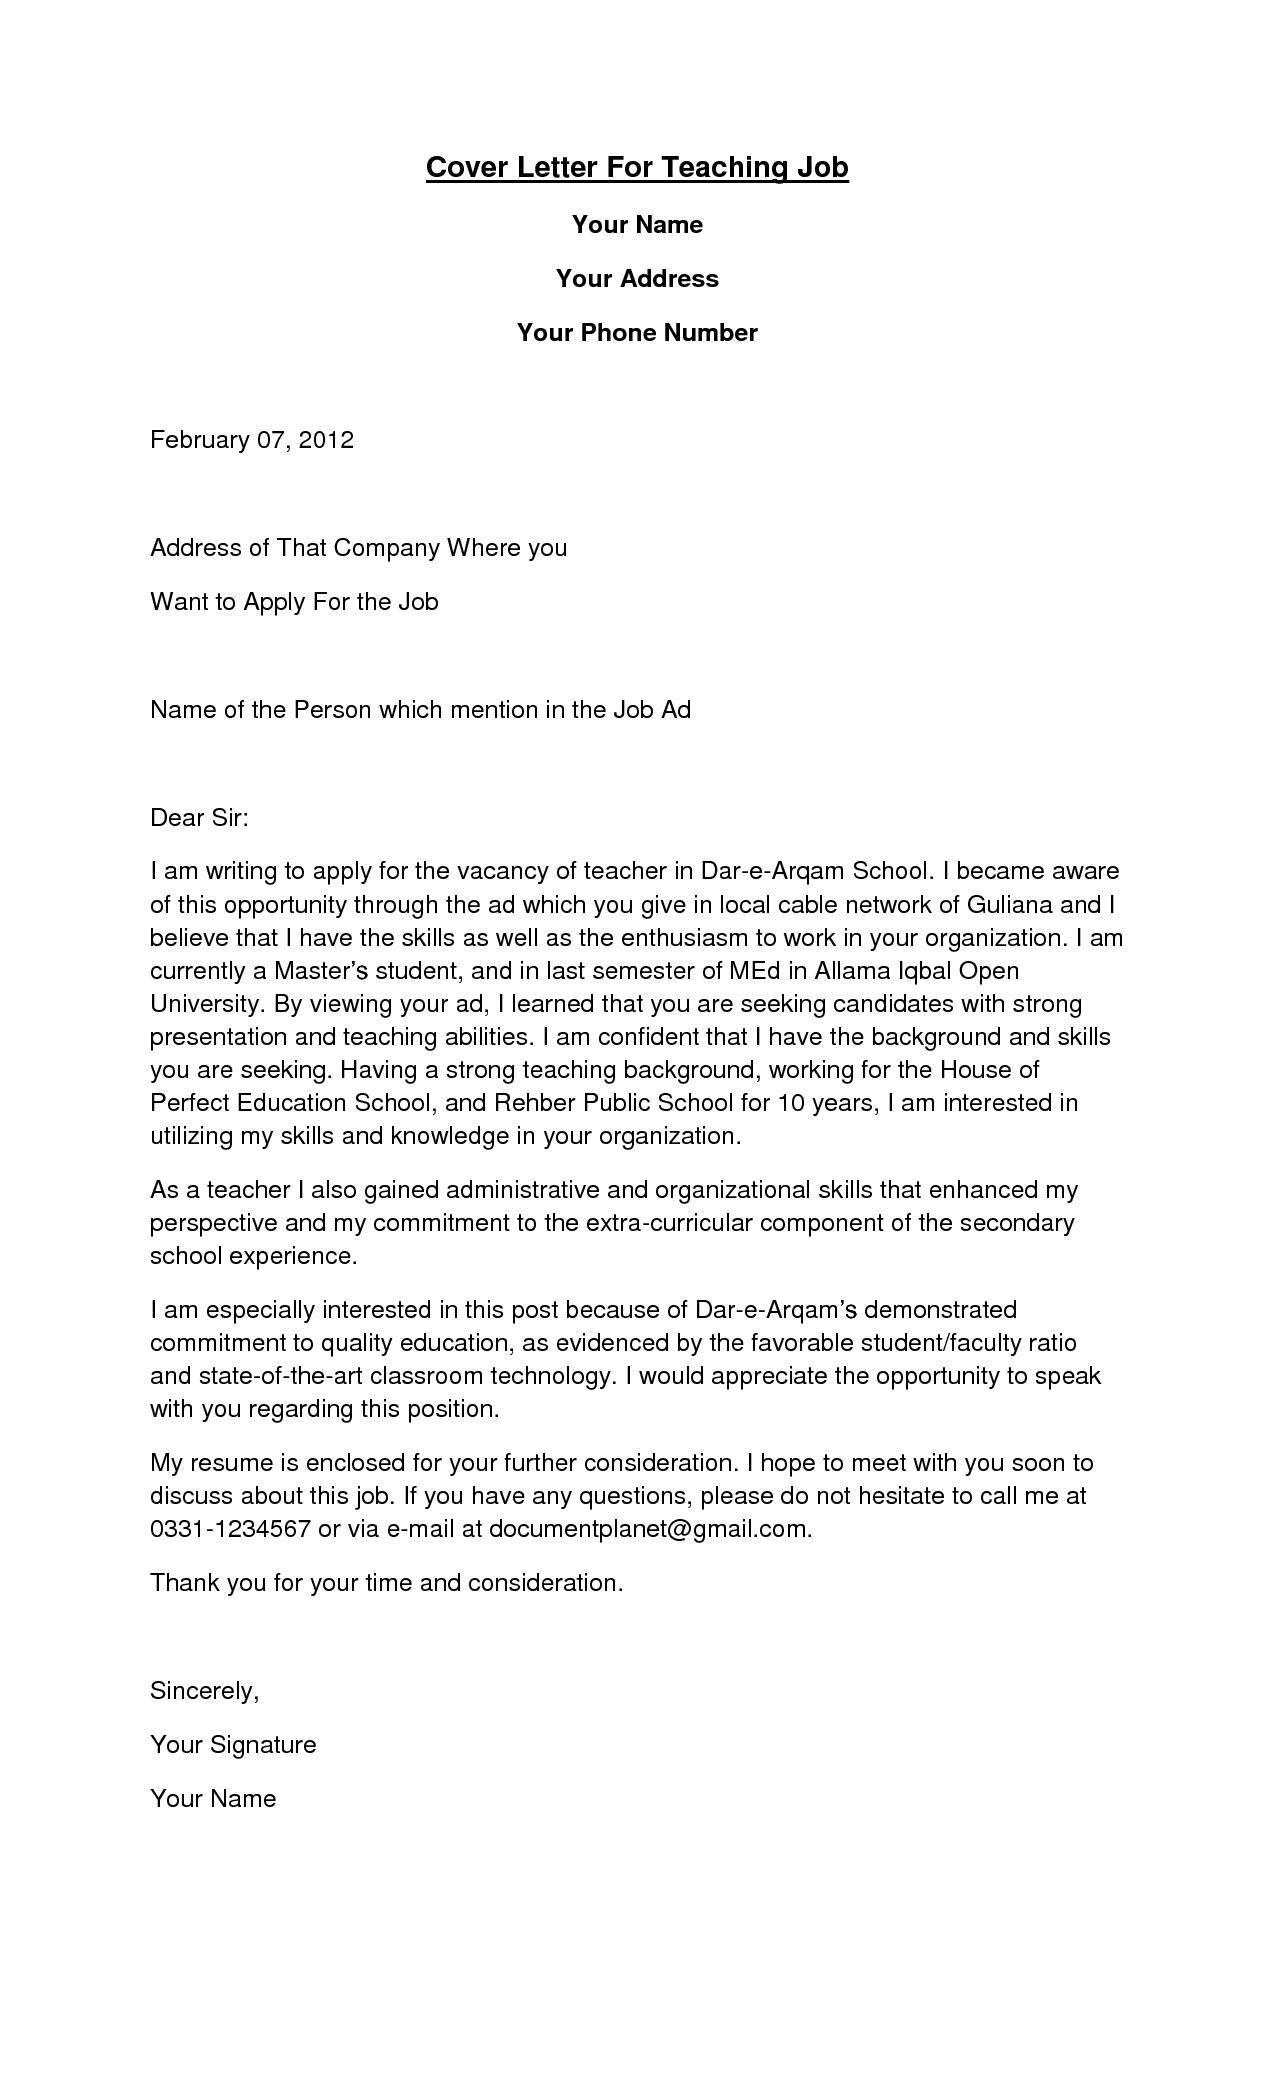 Cover Letters for teachers Cover letter teacher, Letter